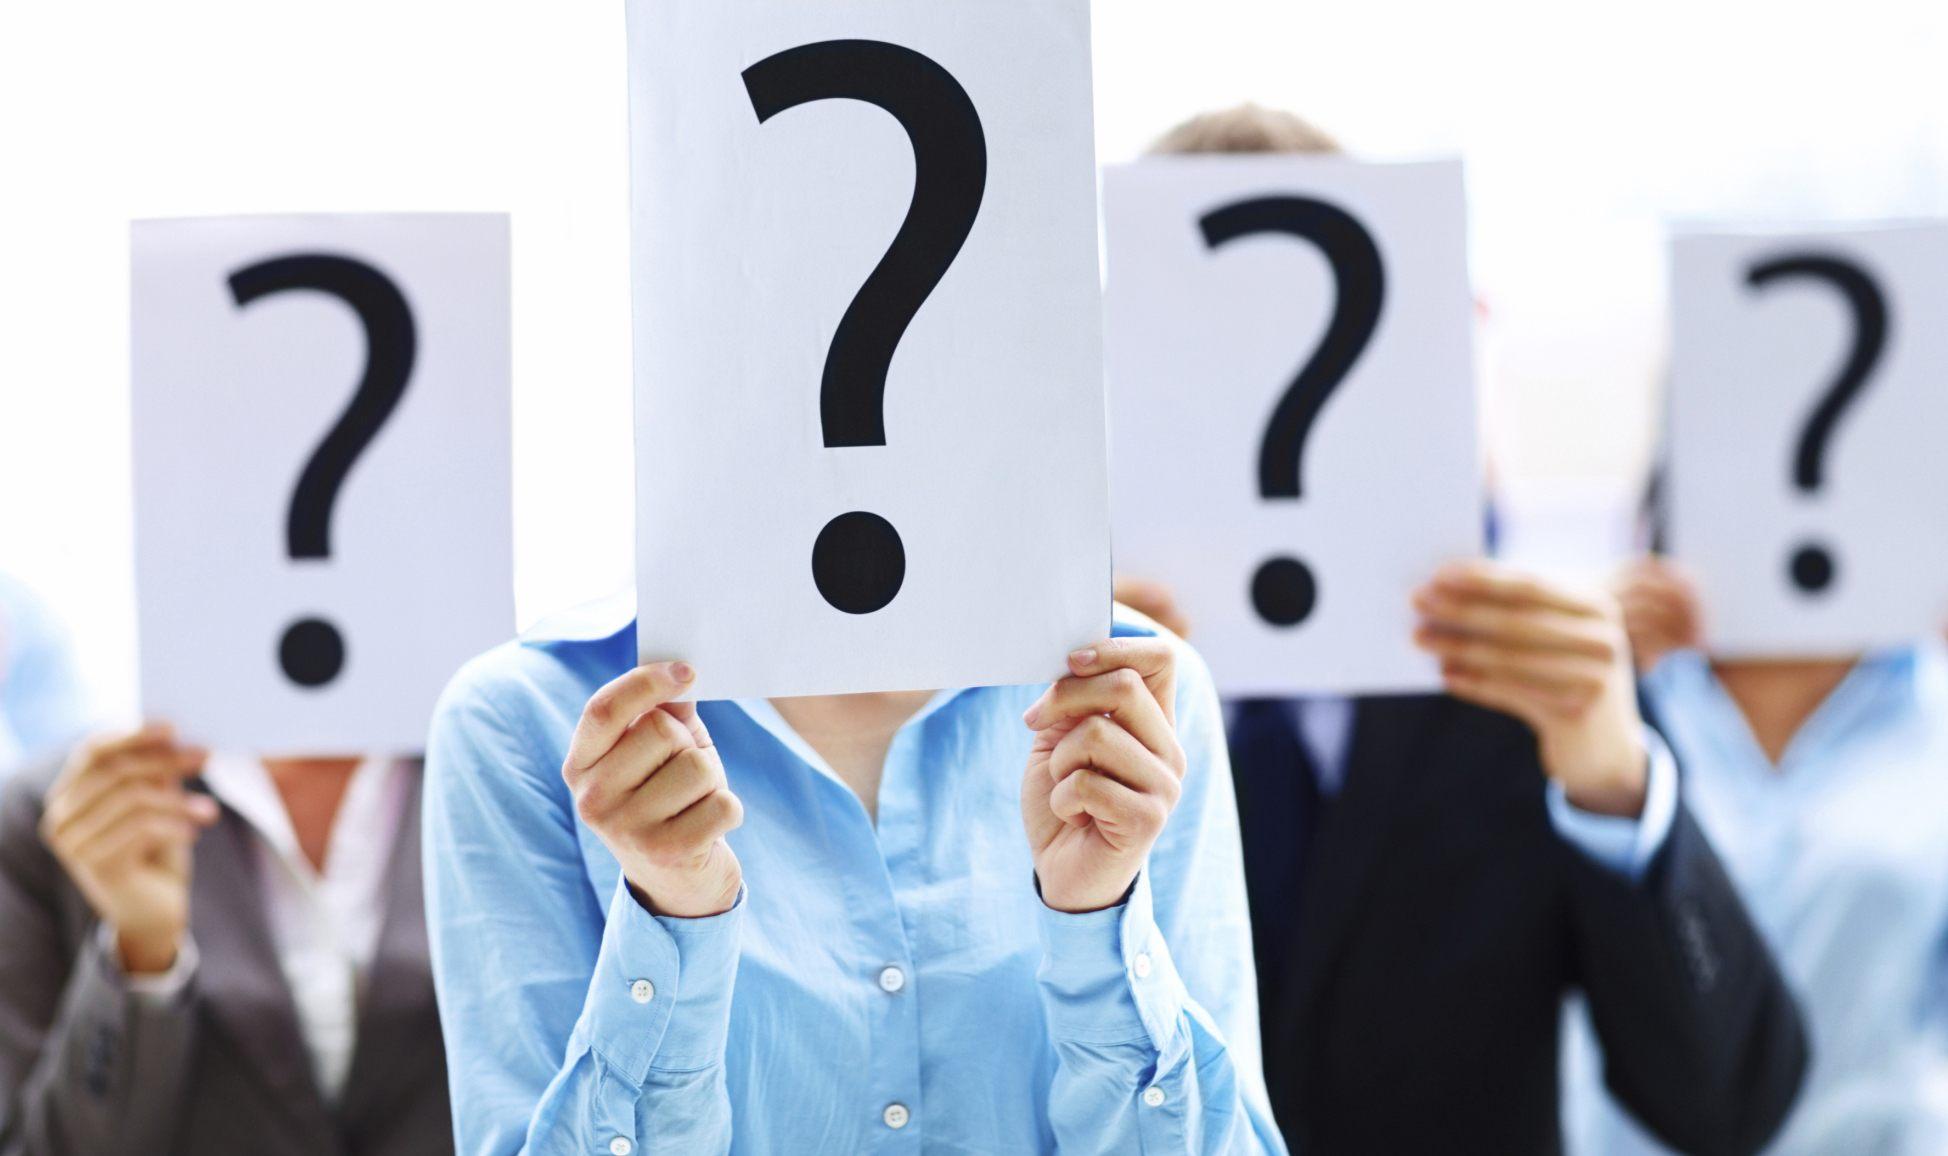 Rubrica intrebari si raspunsuri in site